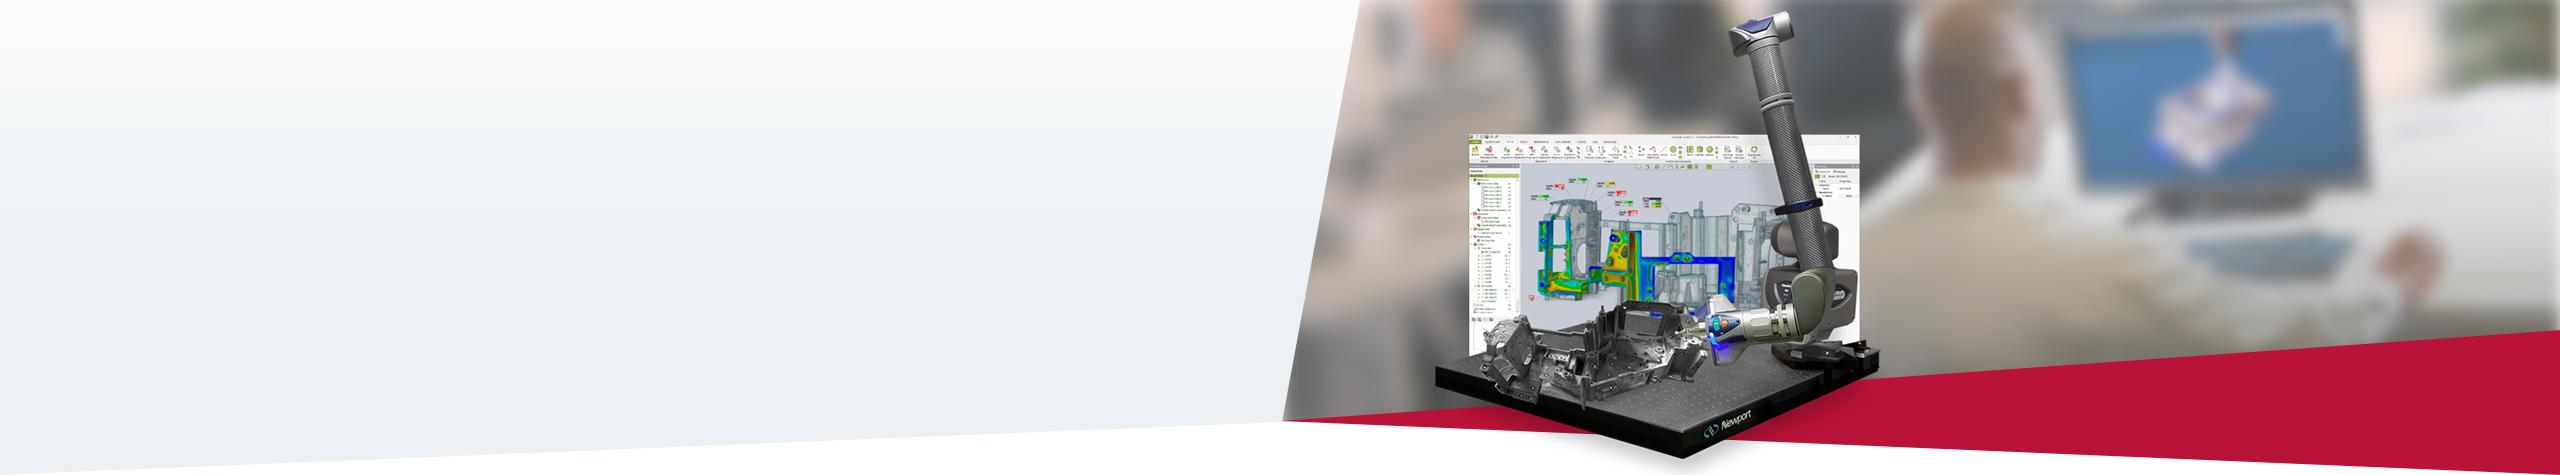 3D-Druck Software Schneller konstruieren, schneller produzieren.